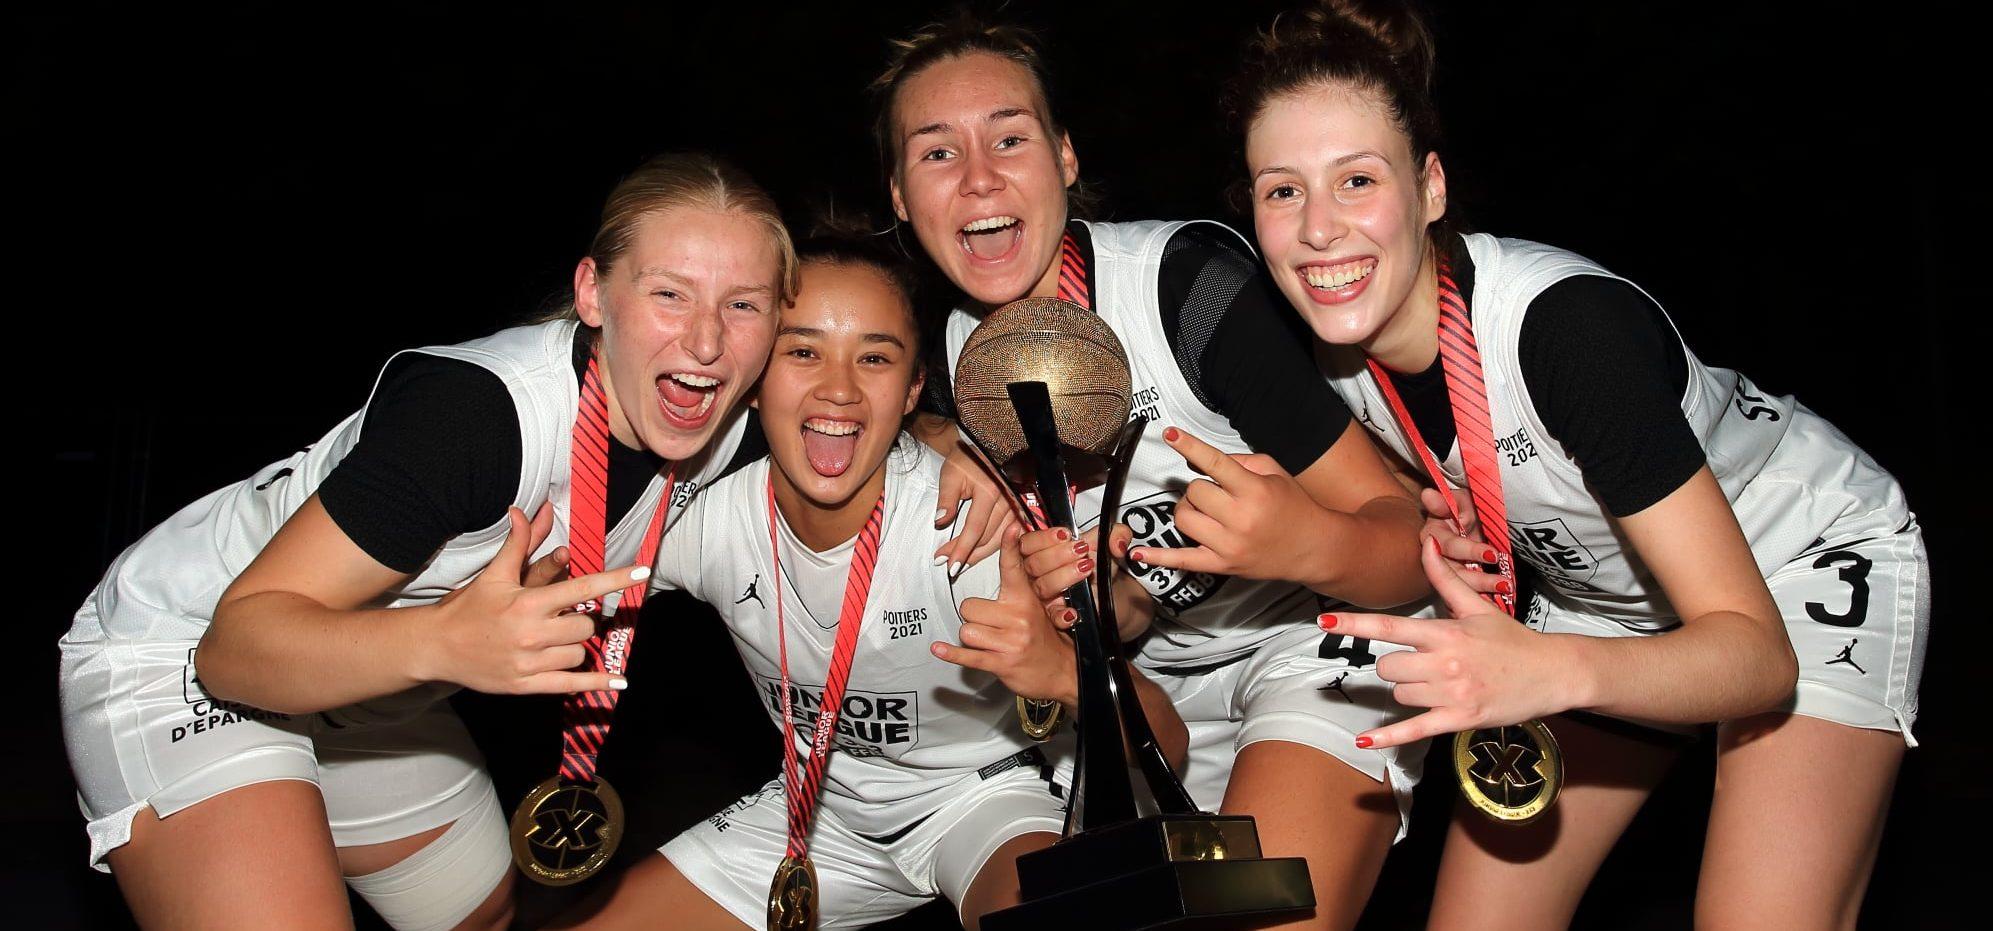 Les «Spicy girls» remportent l'OPEN DE FRANCE 3×3 Juniorleague (U18)